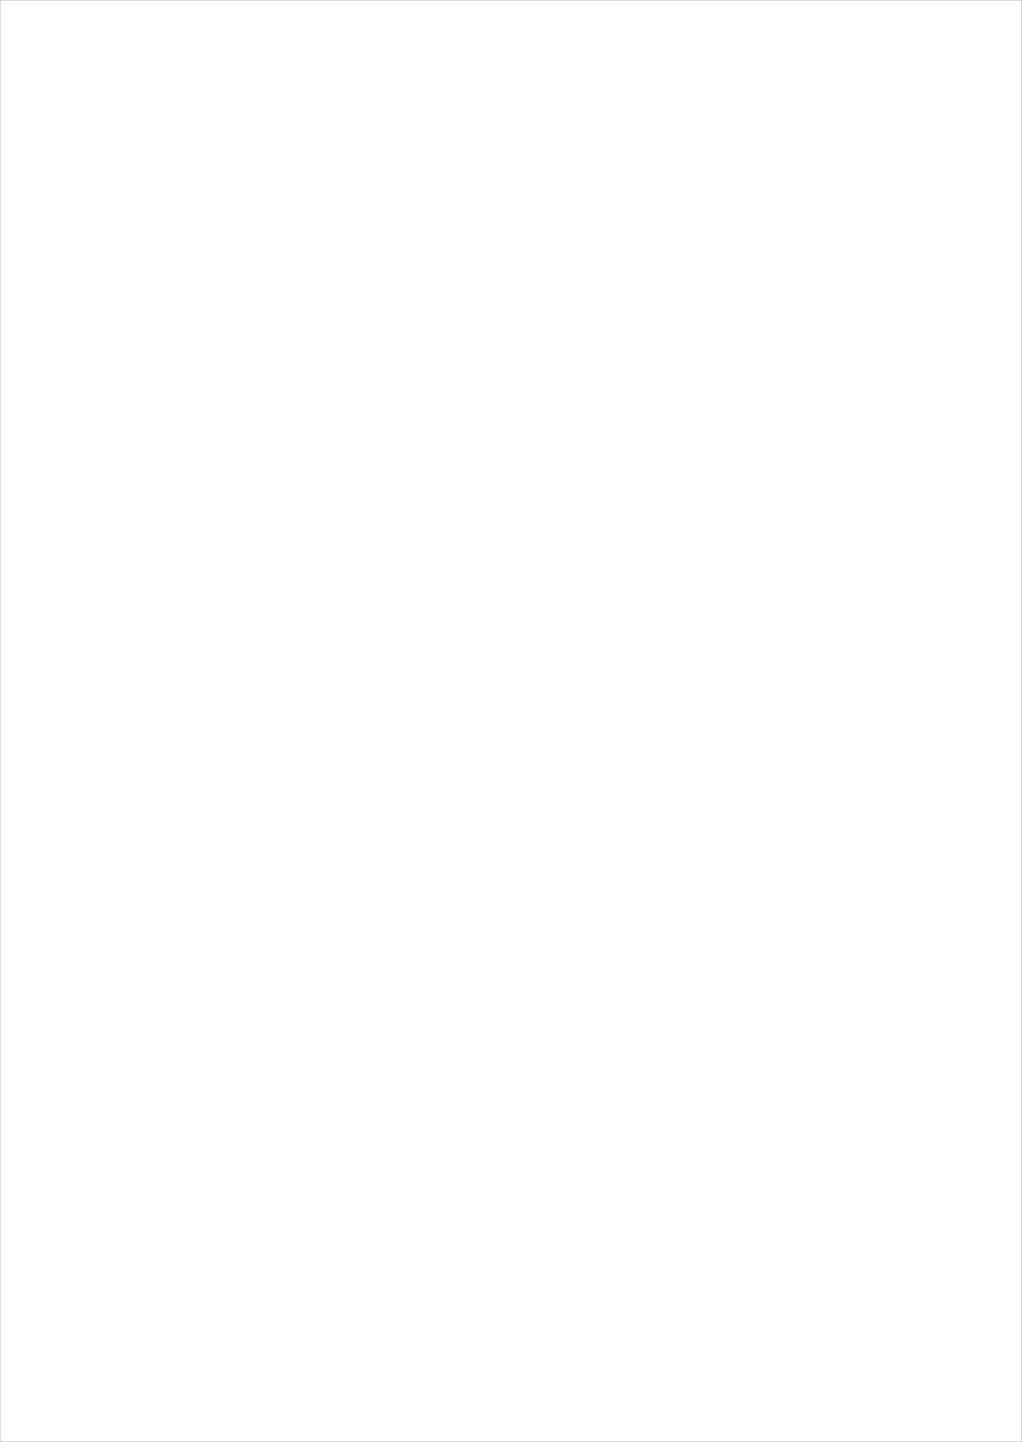 コトノハラバーズ VOL.06 【お姉ちゃん観察日記】 1